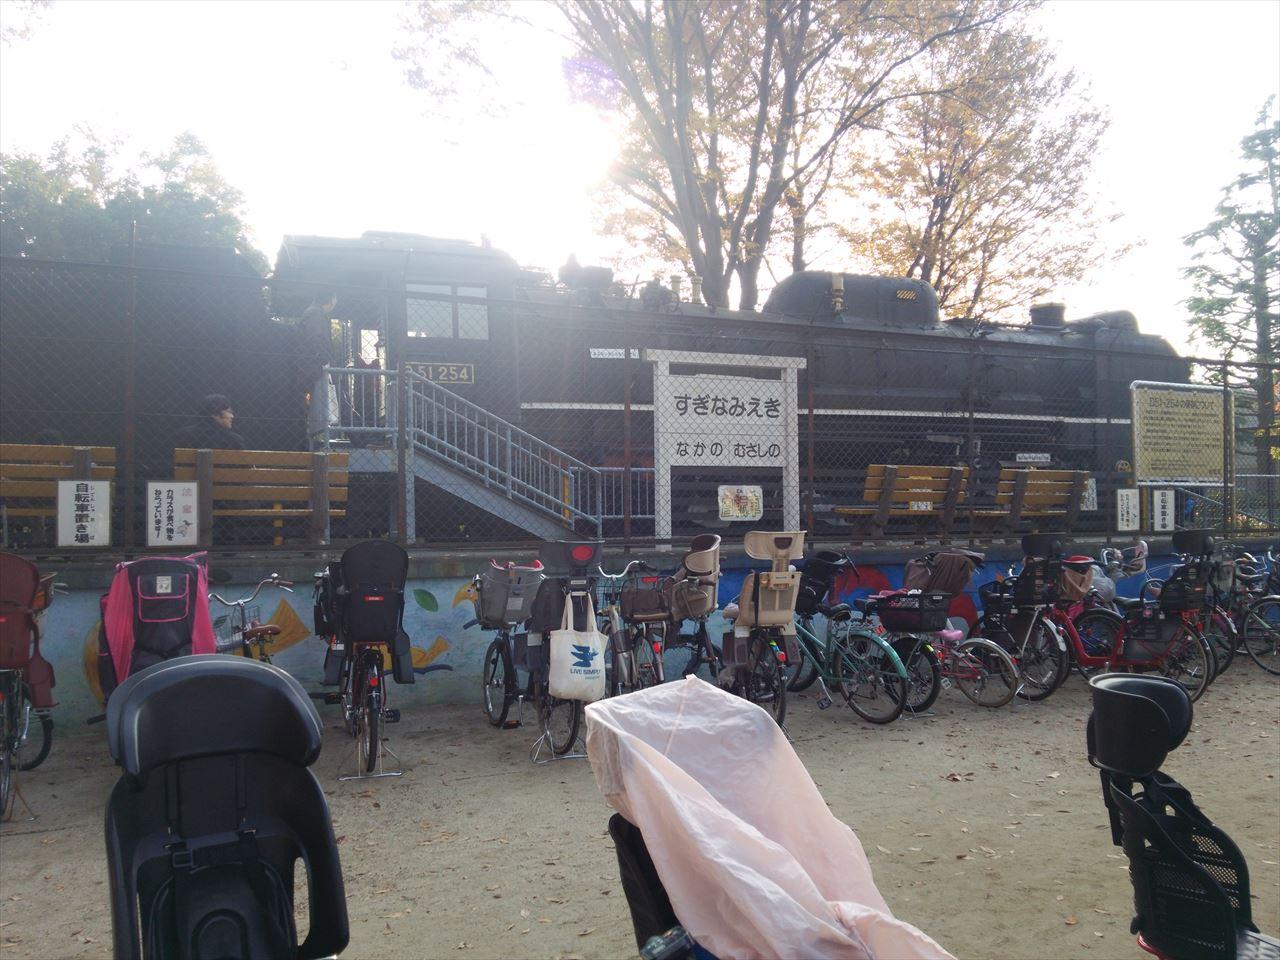 杉並児童交通公園のSL